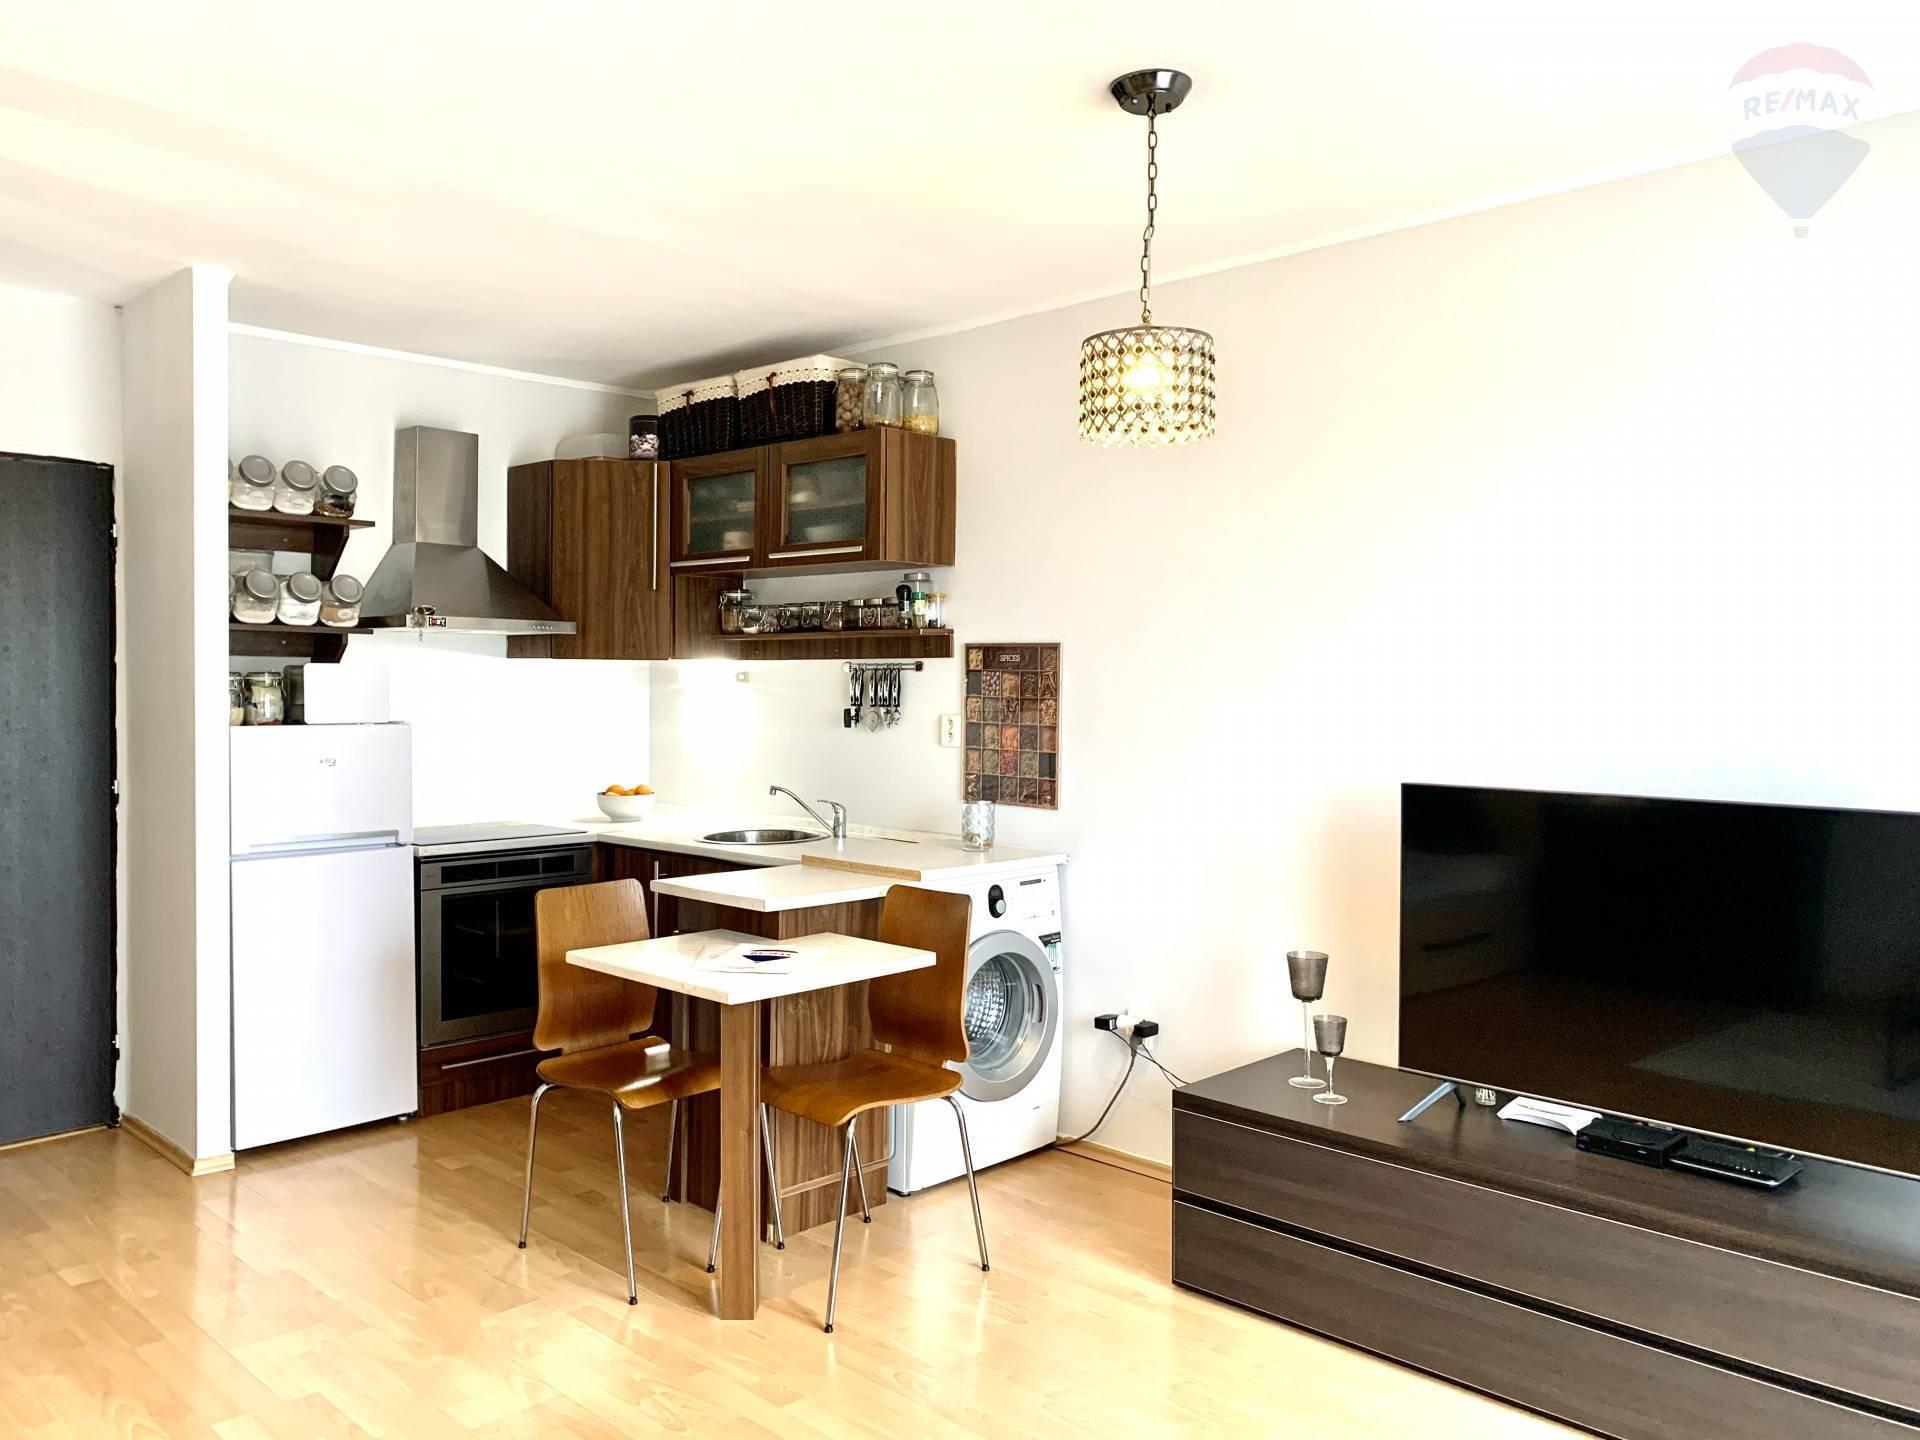 Predaj bytu (1 izbový) 37 m2, Dunajská Streda -